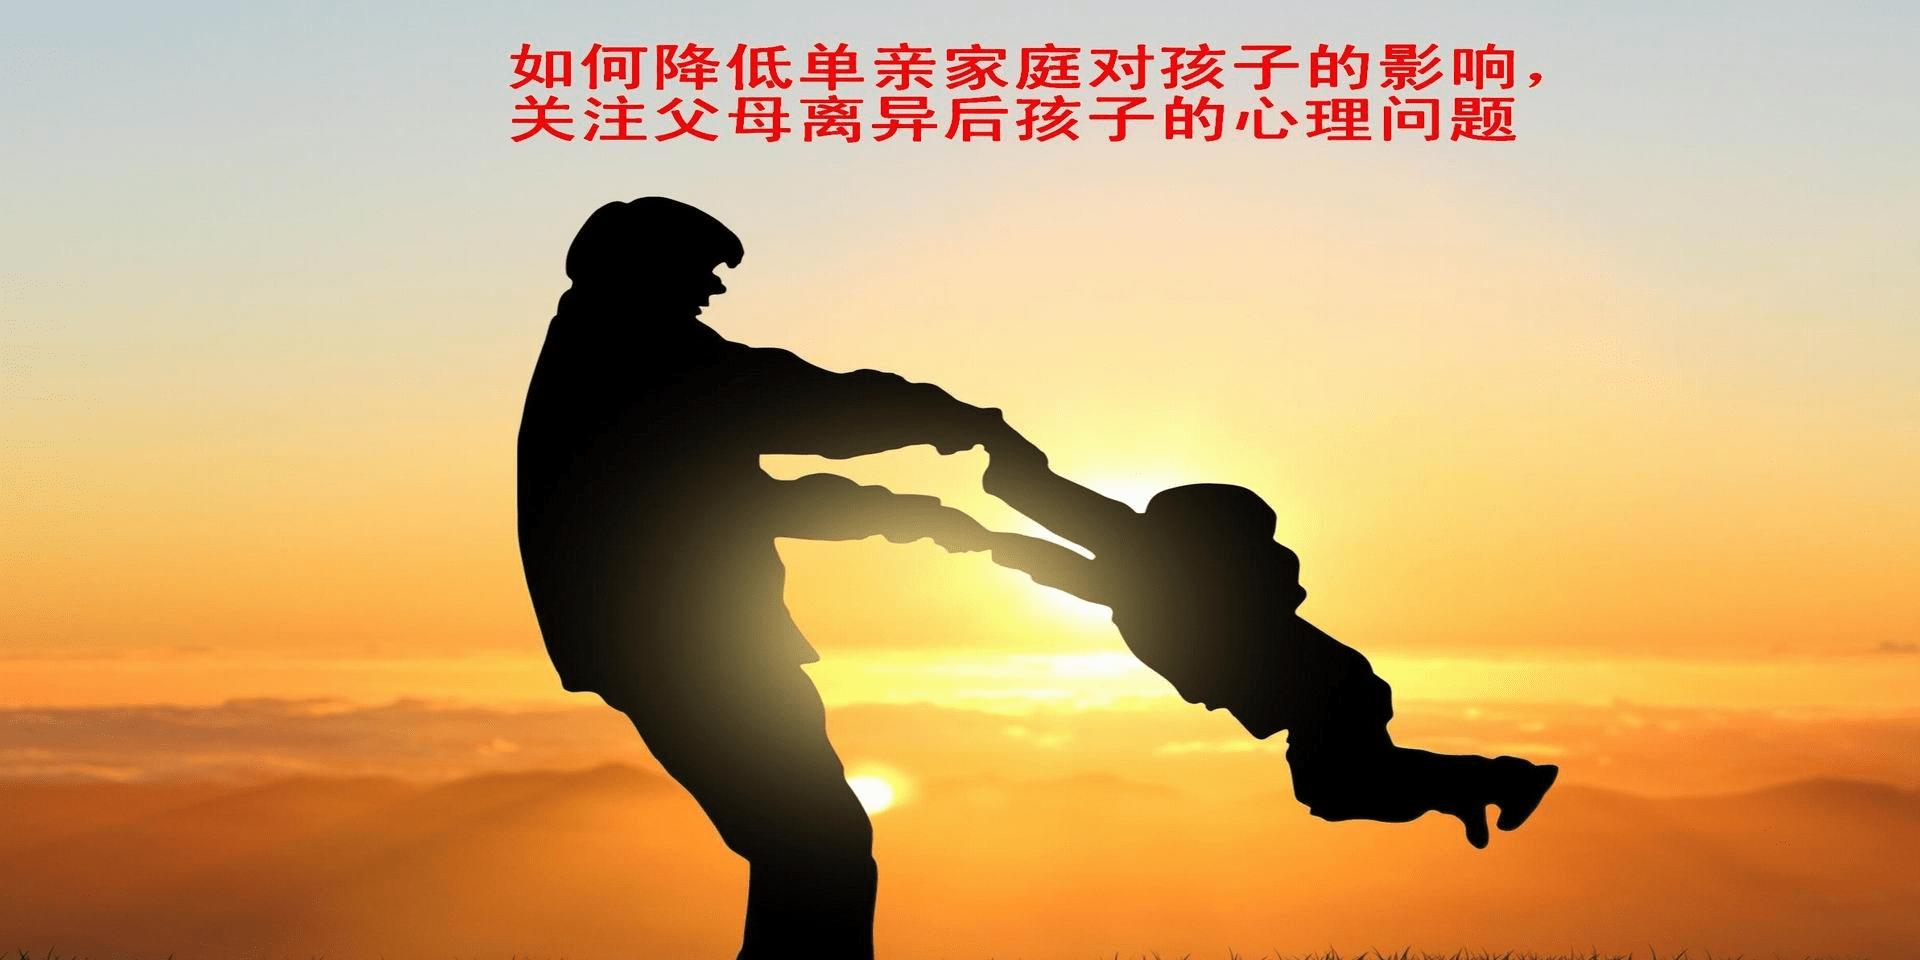 父母离异孩子5种心理 二婚和复婚哪个会幸福